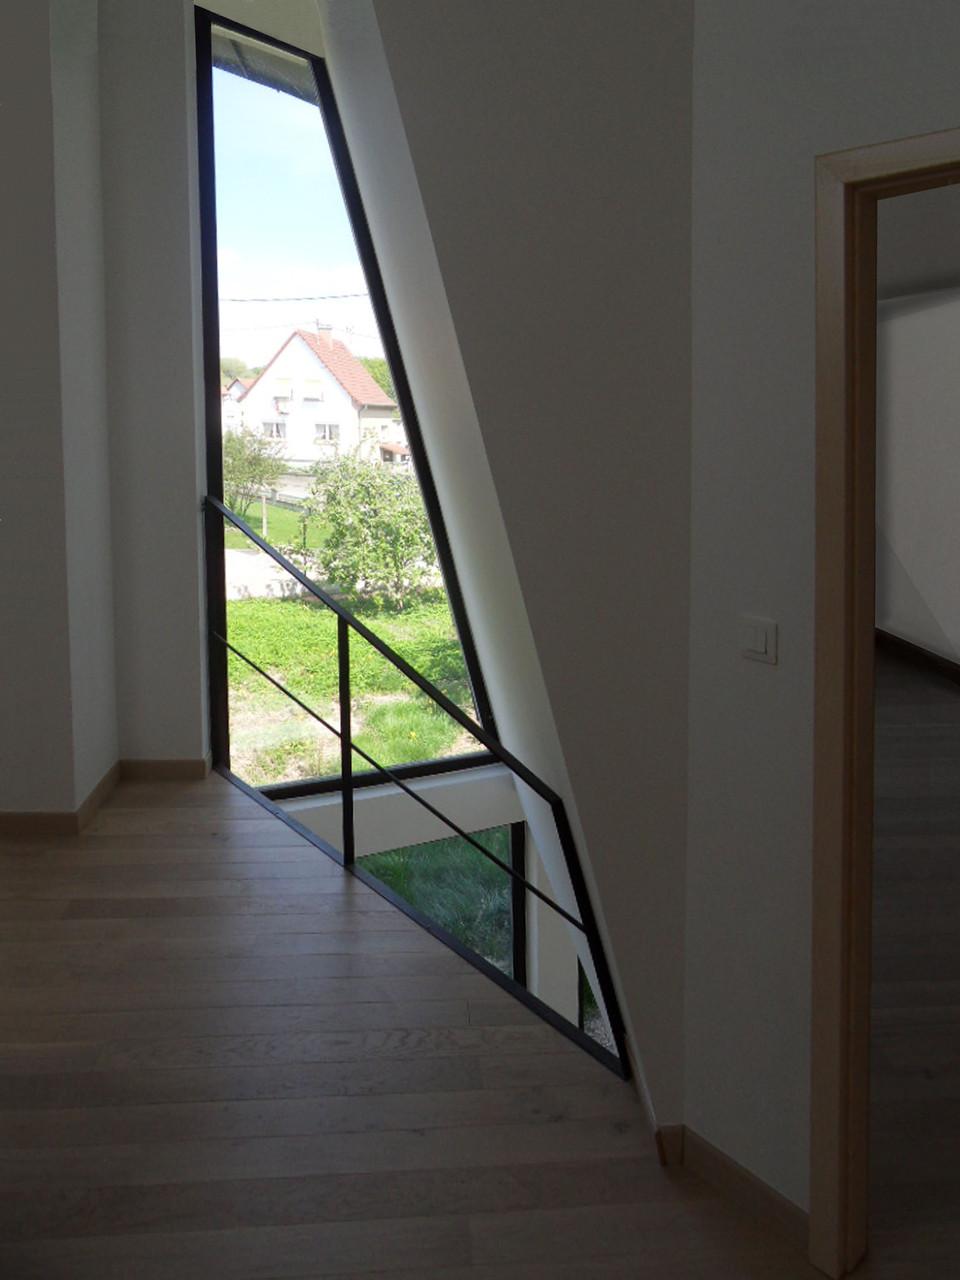 Vue depuis l'intérieur des appartements. Jeux de murs, planchers et baies obliques